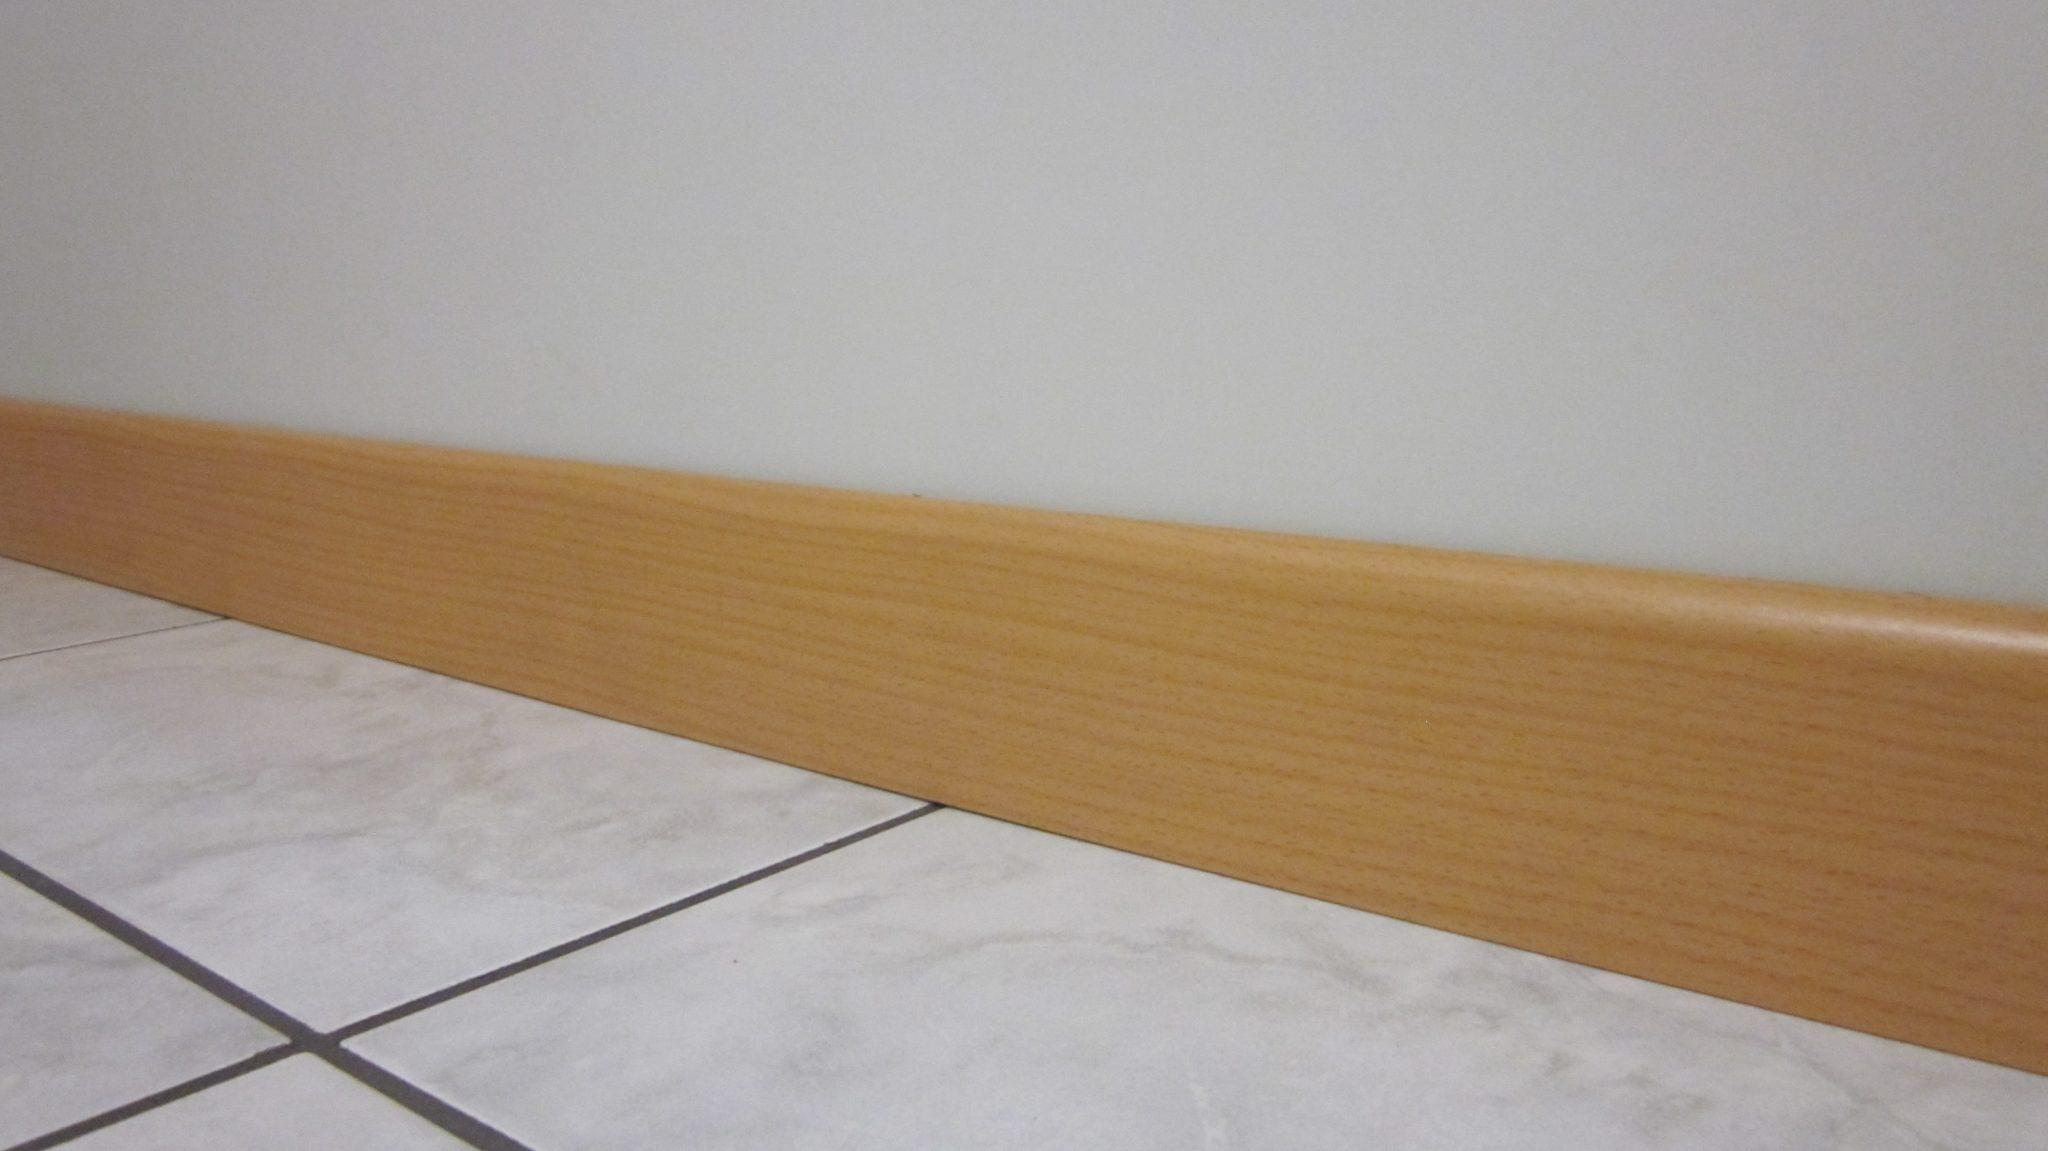 Battiscopa In Legno Bianco battiscopa in legno noce, rovere 7 cm